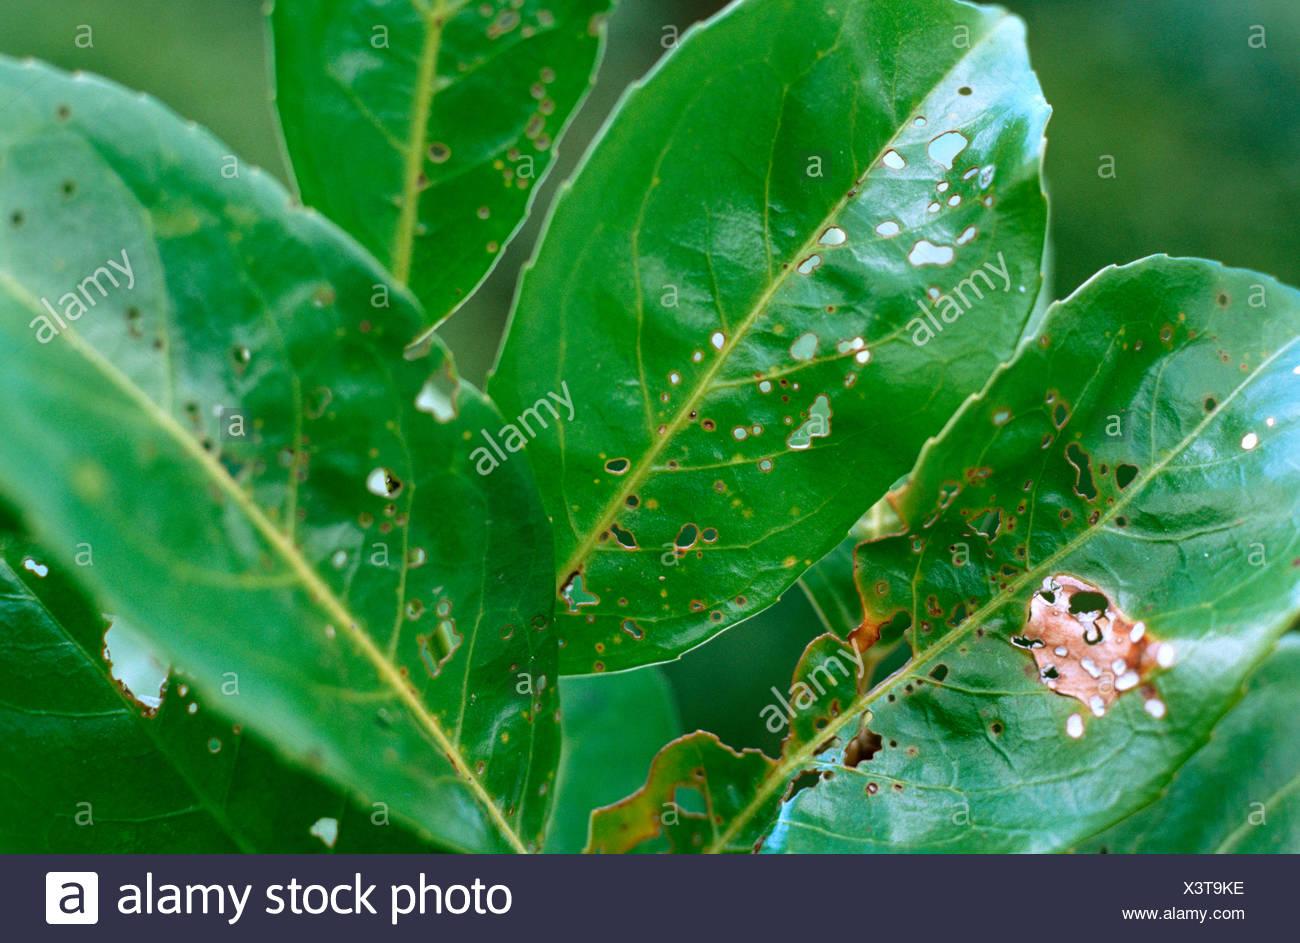 Kirschlorbeer (Prunus Laurocerasus), mit der Krankheit durch Ascospora Beijerinkii/Stigmina carpophila Stockbild